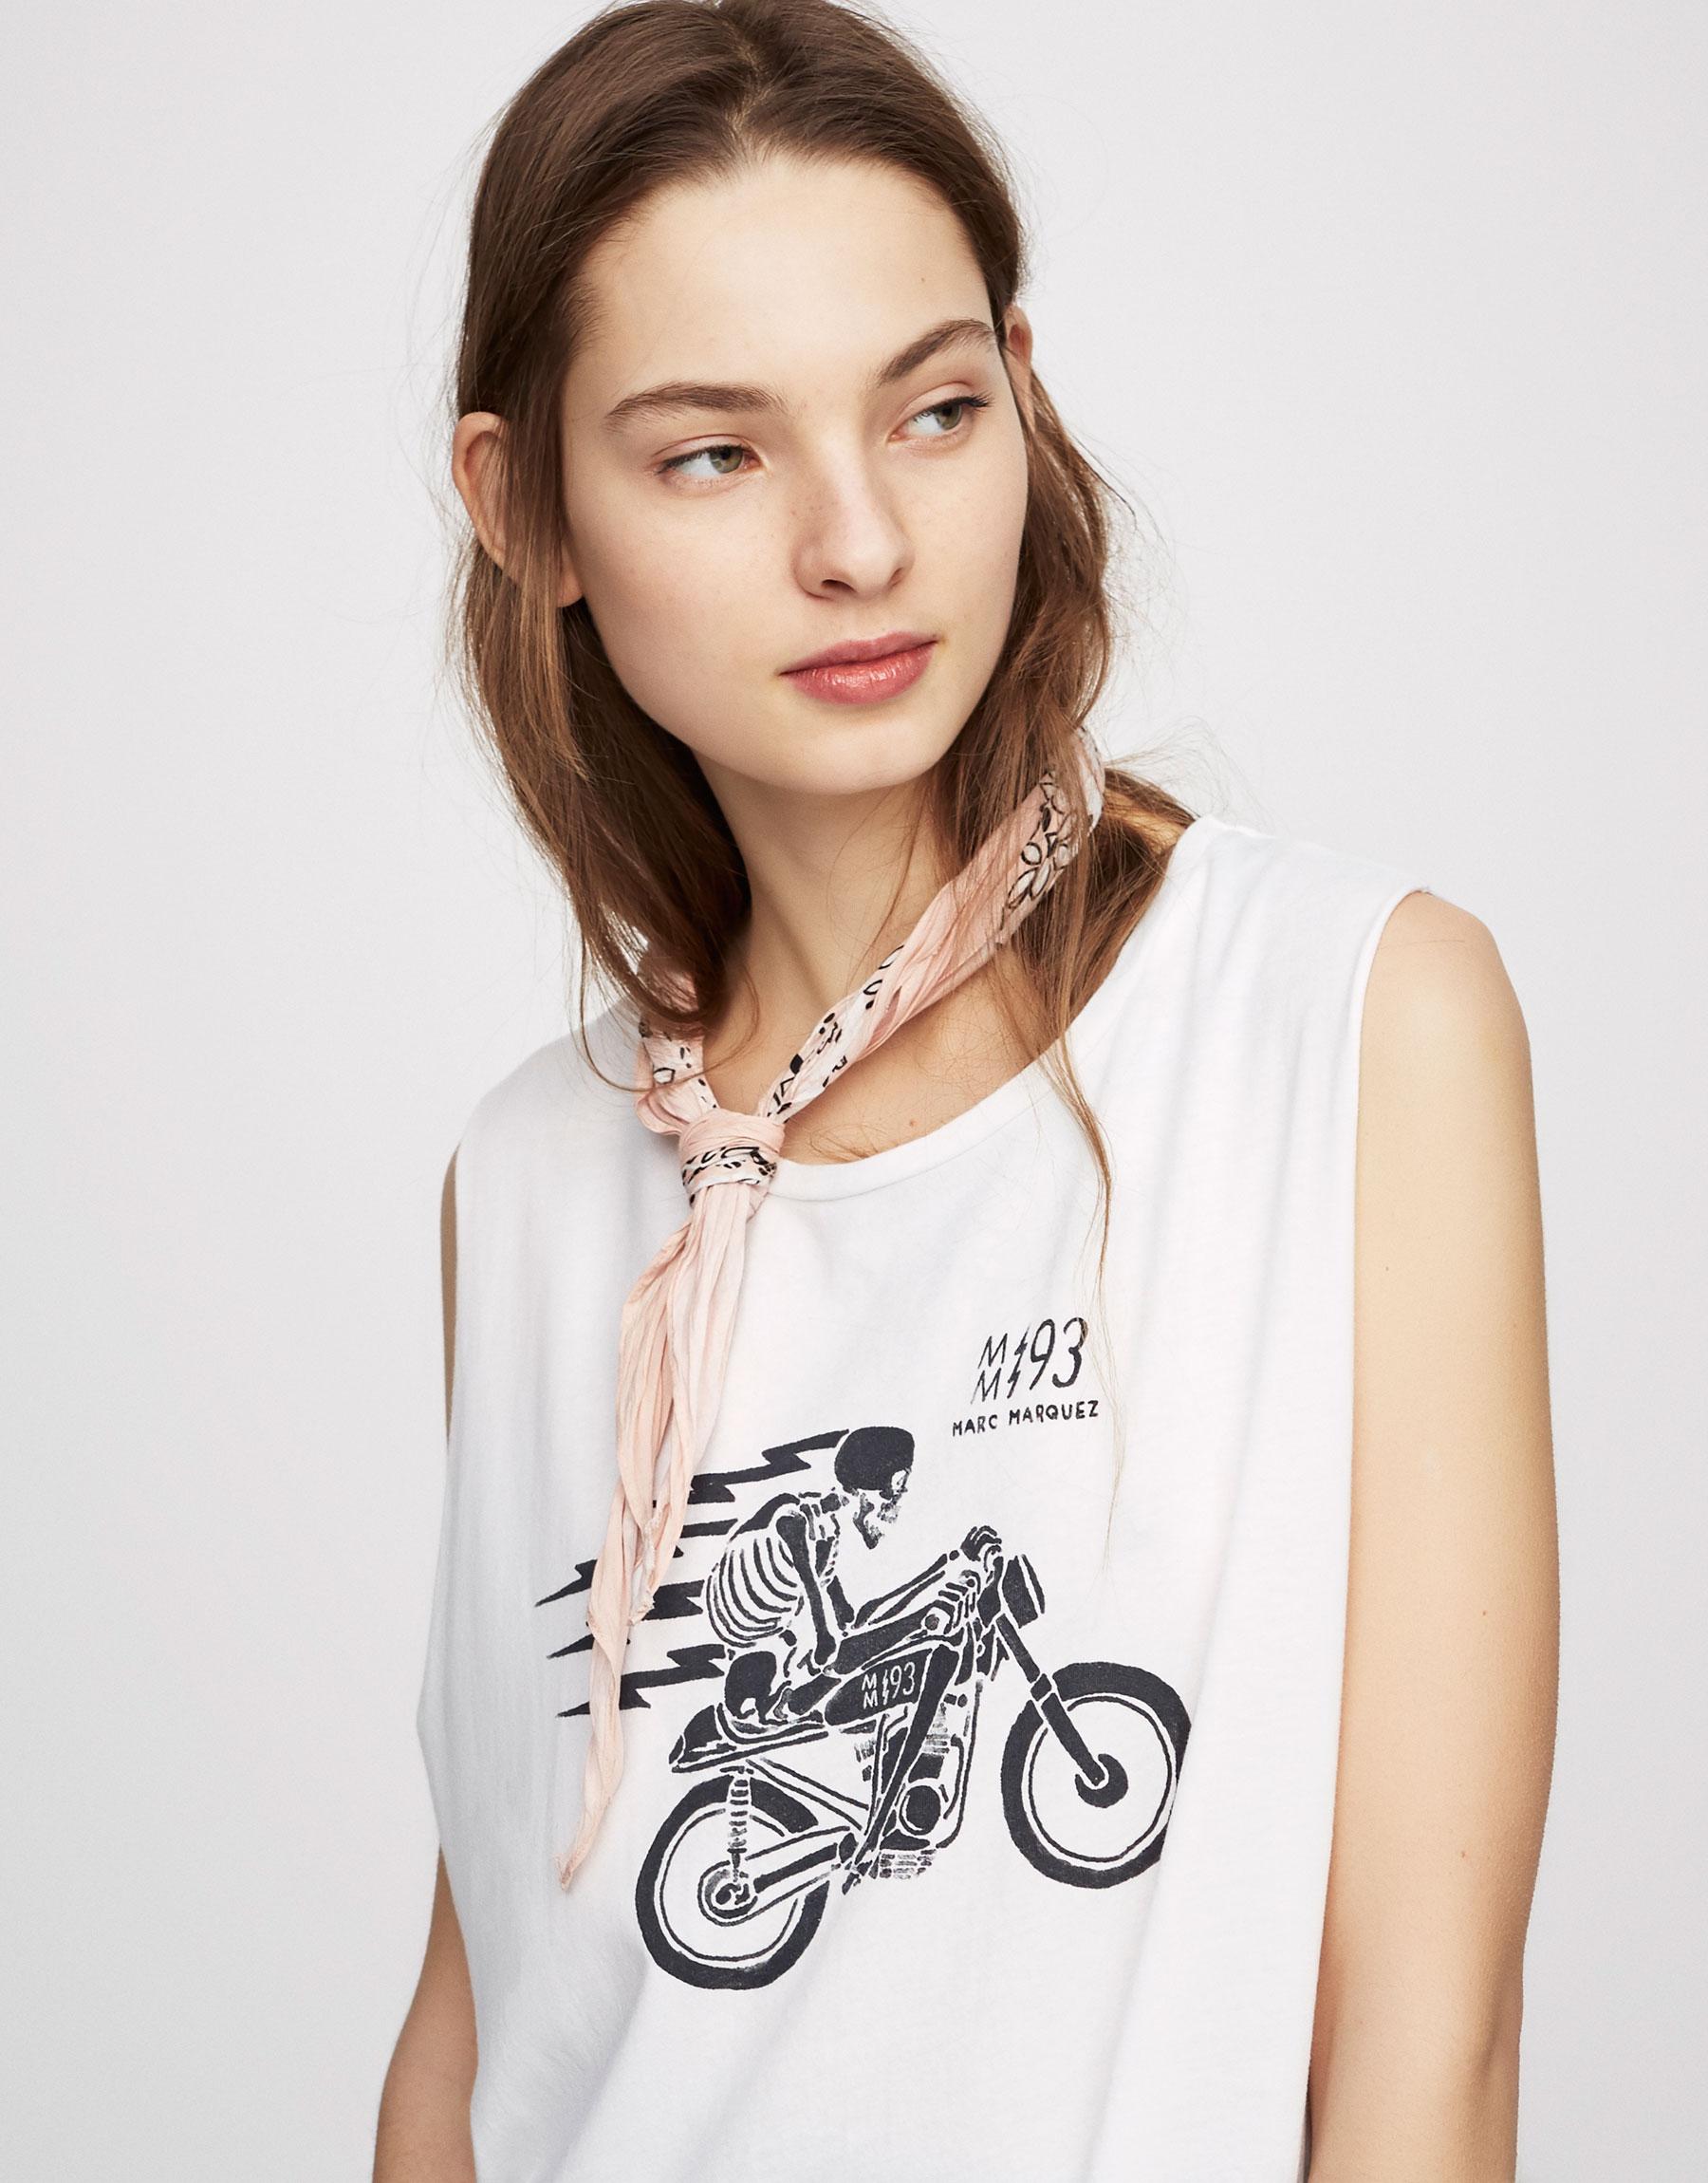 T-shirt com gráfico de moto (Coleção Marc Márquez)